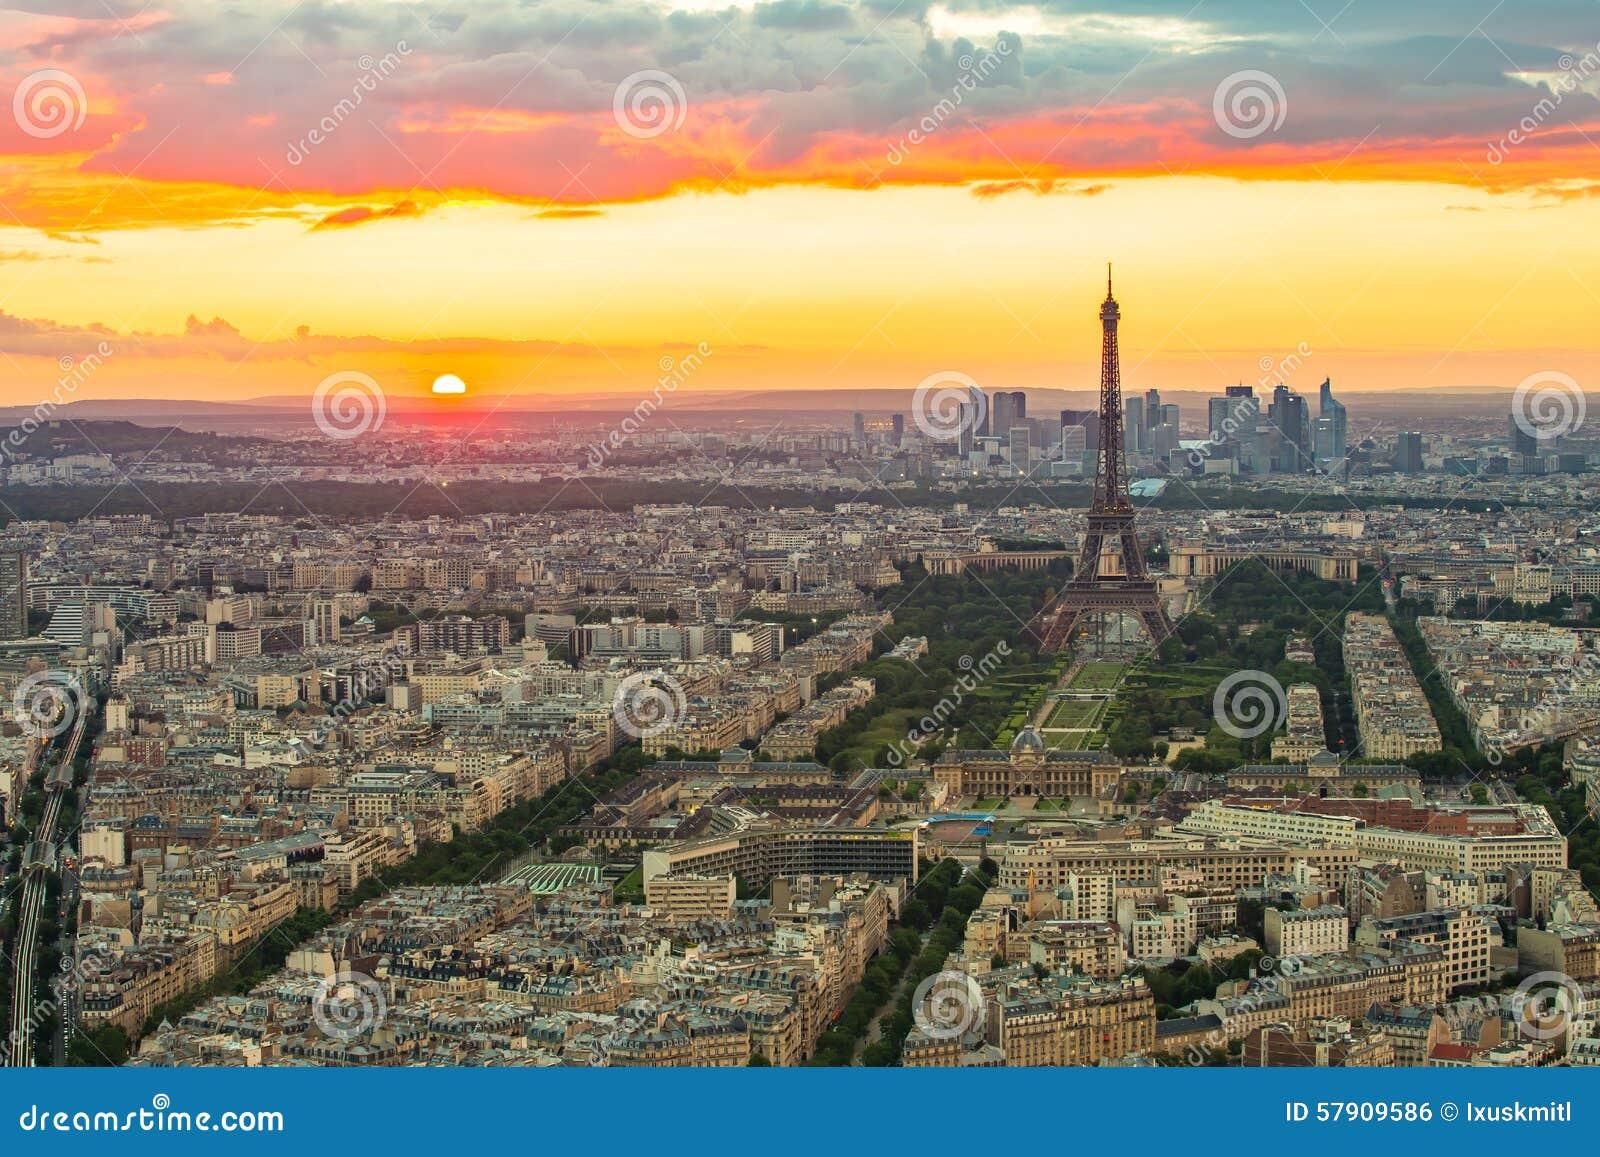 与艾菲尔铁塔的巴黎都市风景日落的